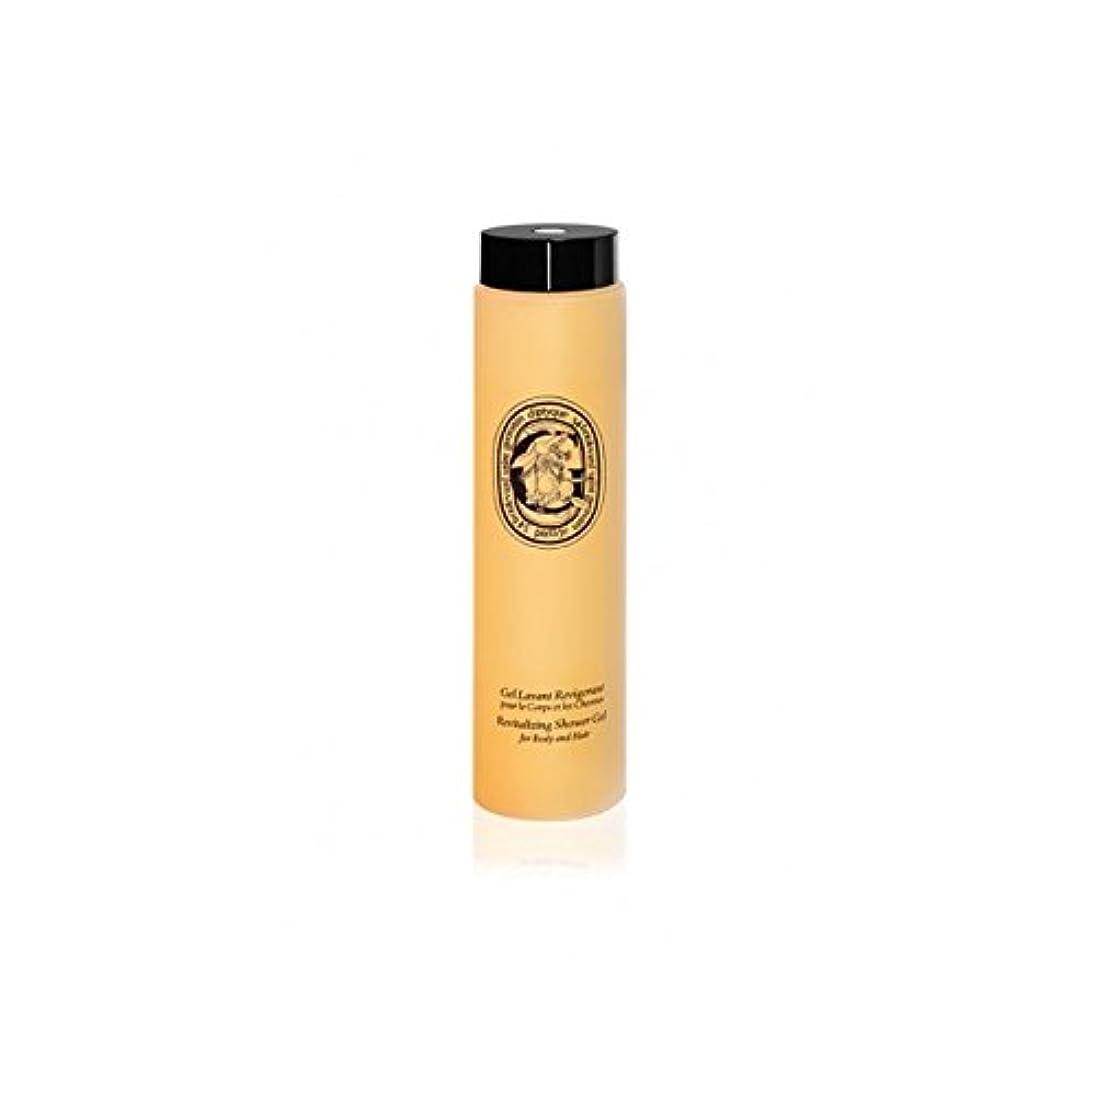 休戦余計なインタビューボディ、ヘア200ミリリットルのためDiptyqueのリバイタライジングシャワージェル - Diptyque Revitalizing Shower Gel For Body And Hair 200ml (Diptyque) [並行輸入品]